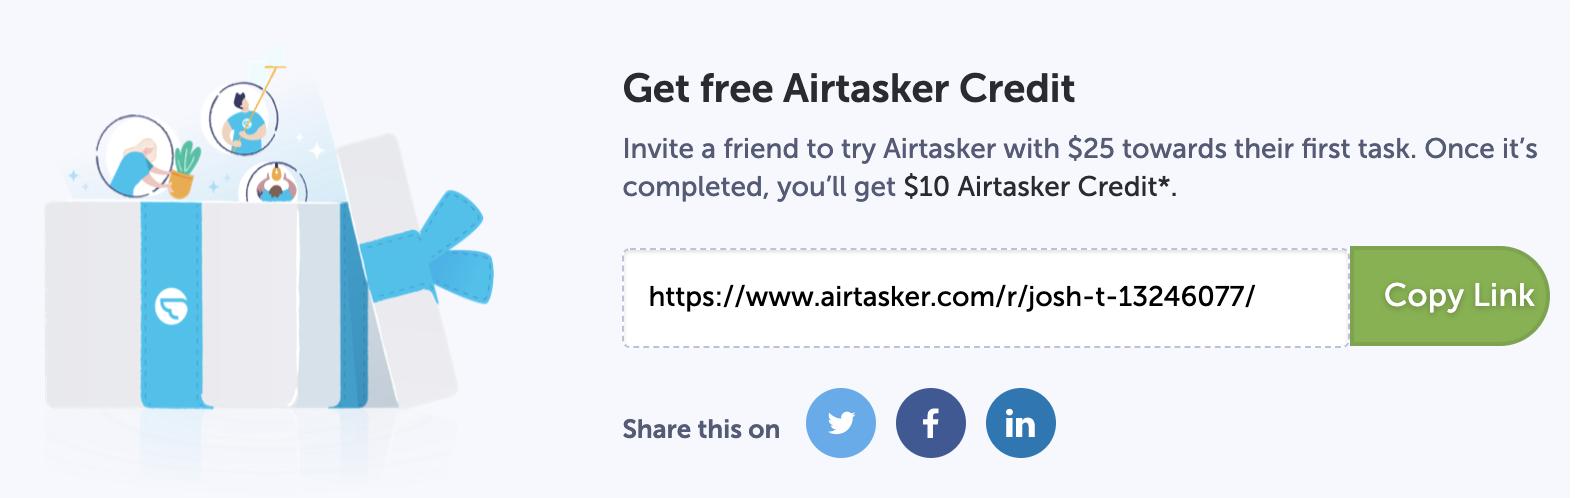 airtasker free coupon code australia